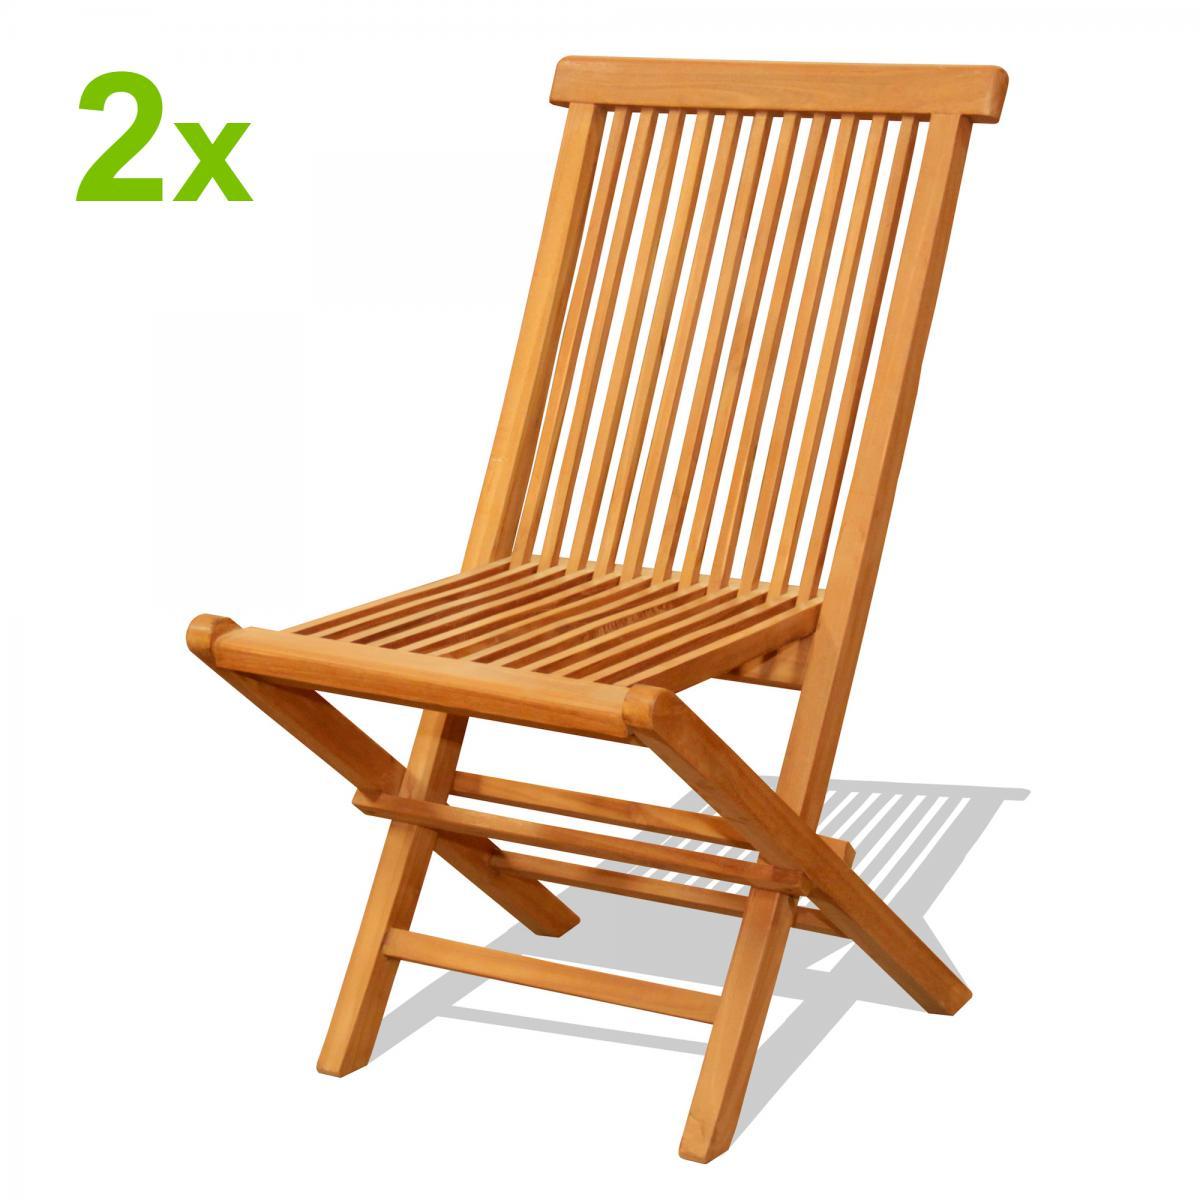 Cote Lounge Lot de 2 chaises pliantes jardin teck massif brut